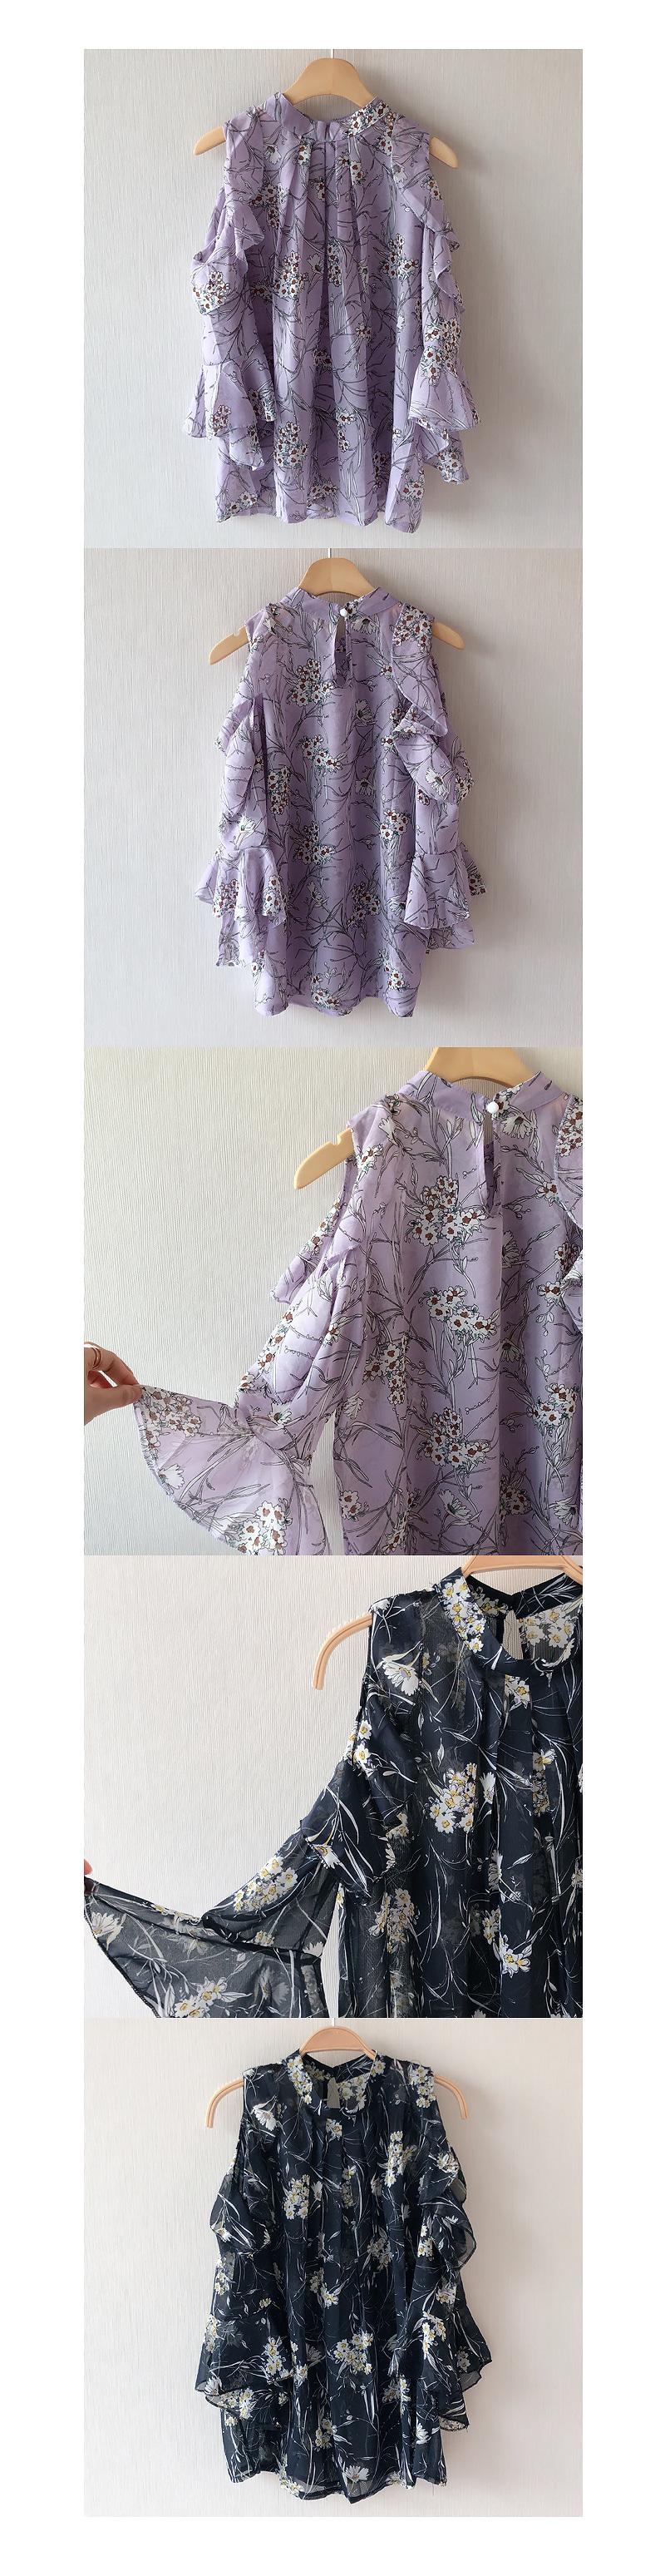 Lilac flower off shoulder blouse